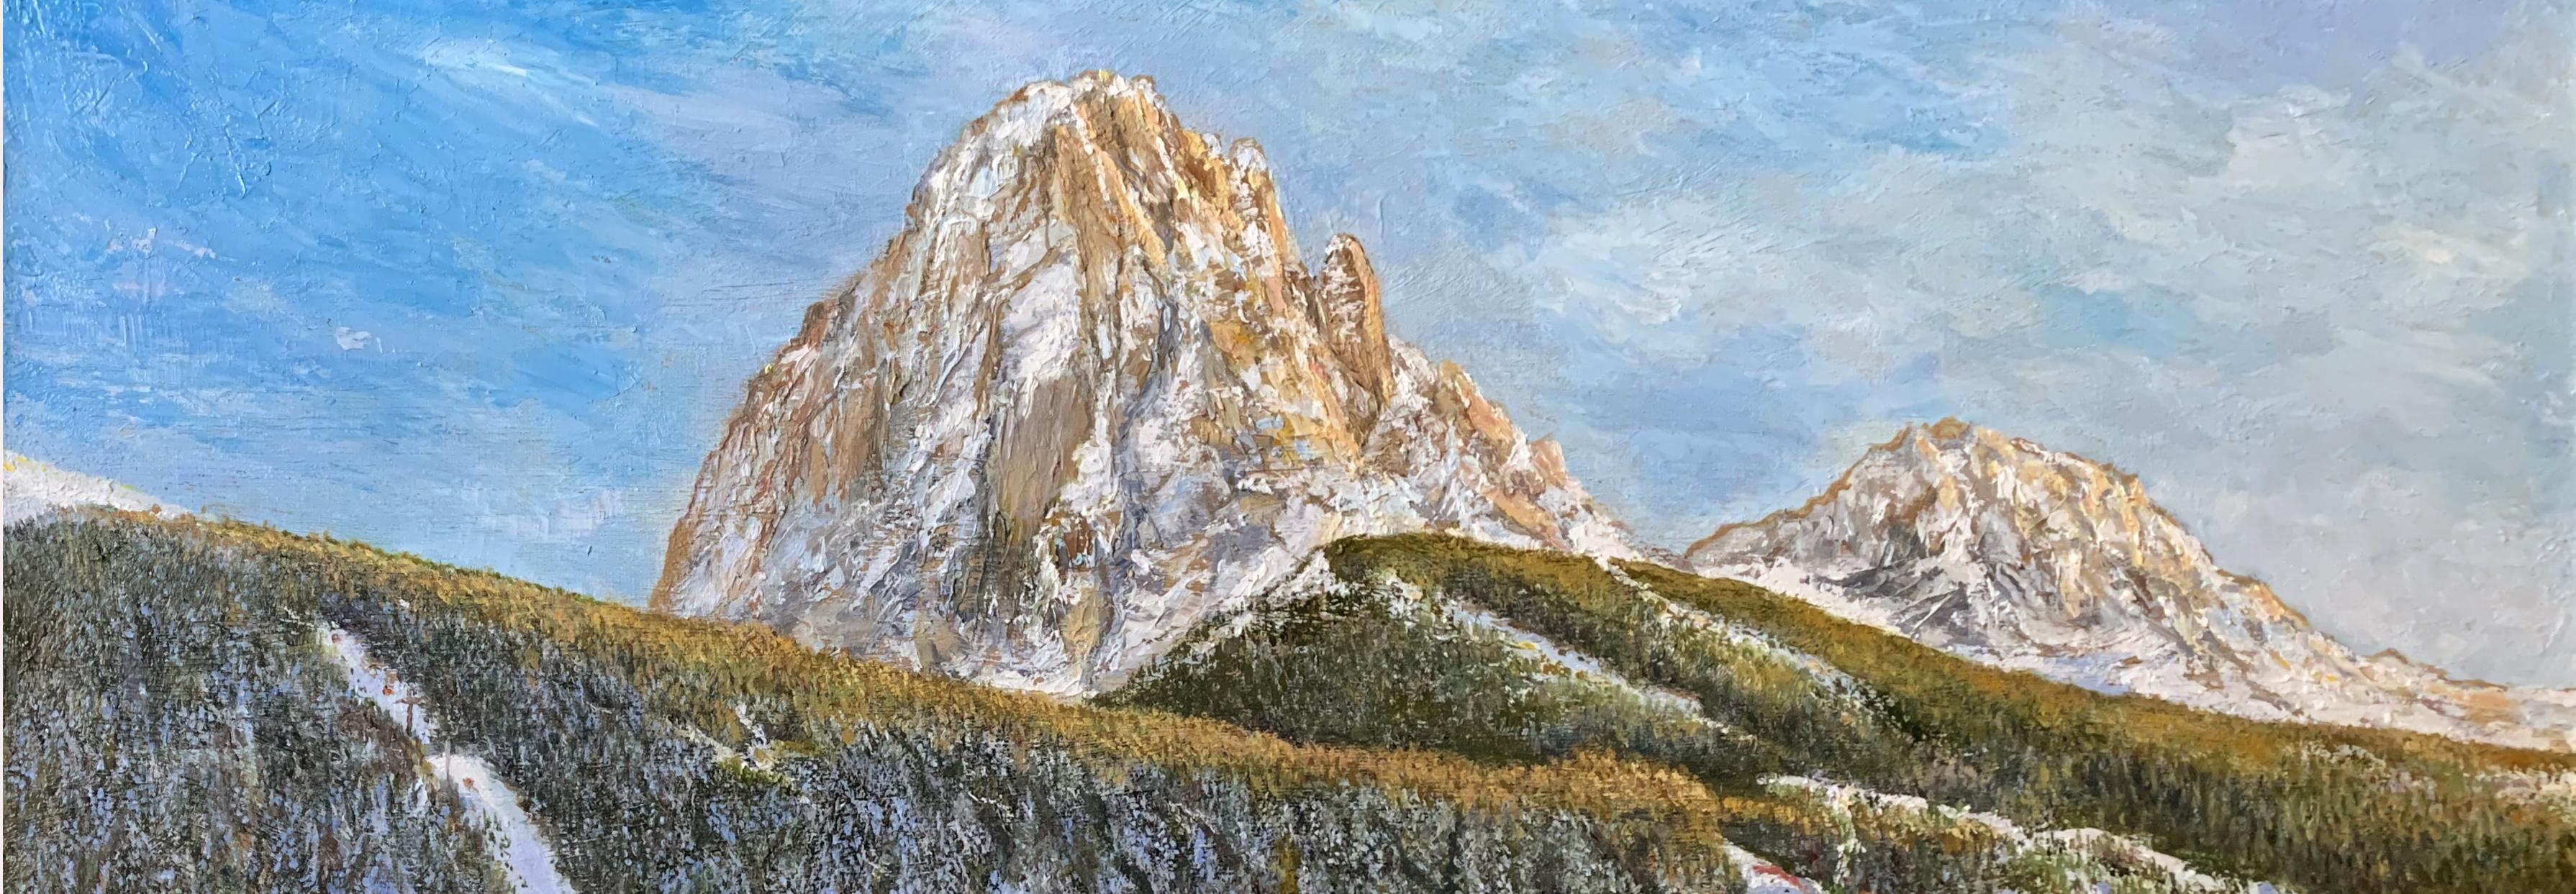 пейзажи природы картины масло художник Альберт Сафиуллин